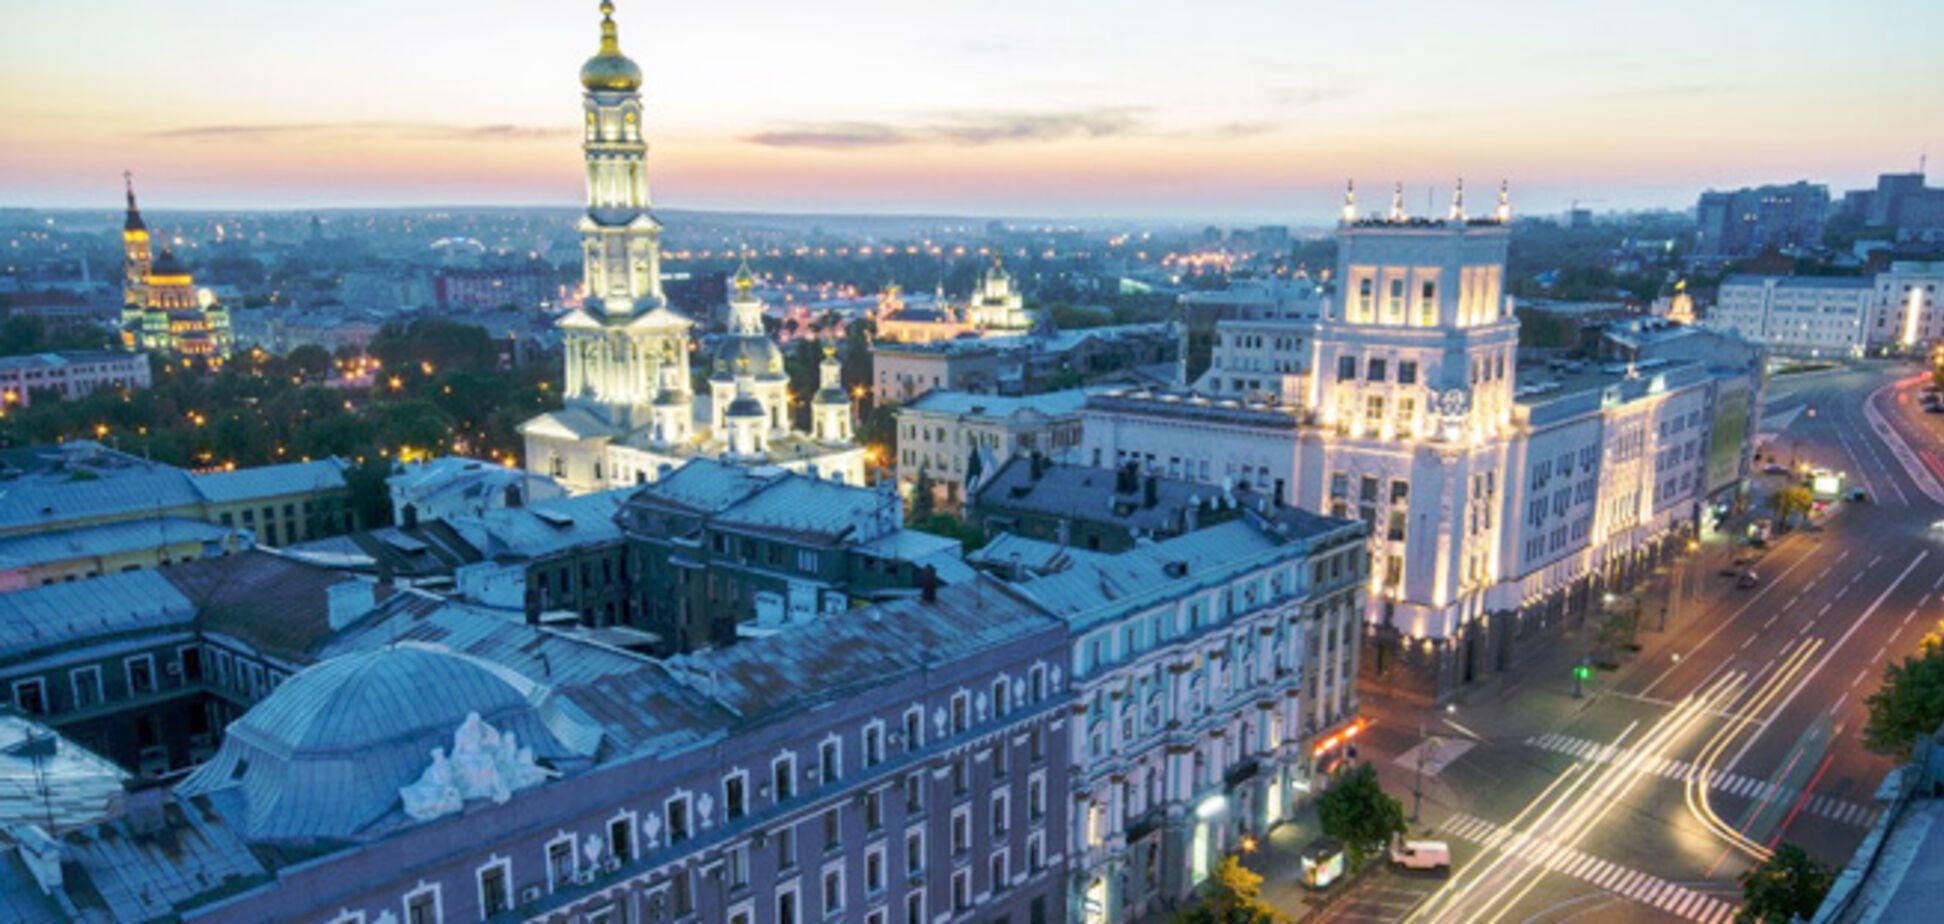 У Кличко отреагировали на безумную затею Саакашвили с переносом столицы Украины